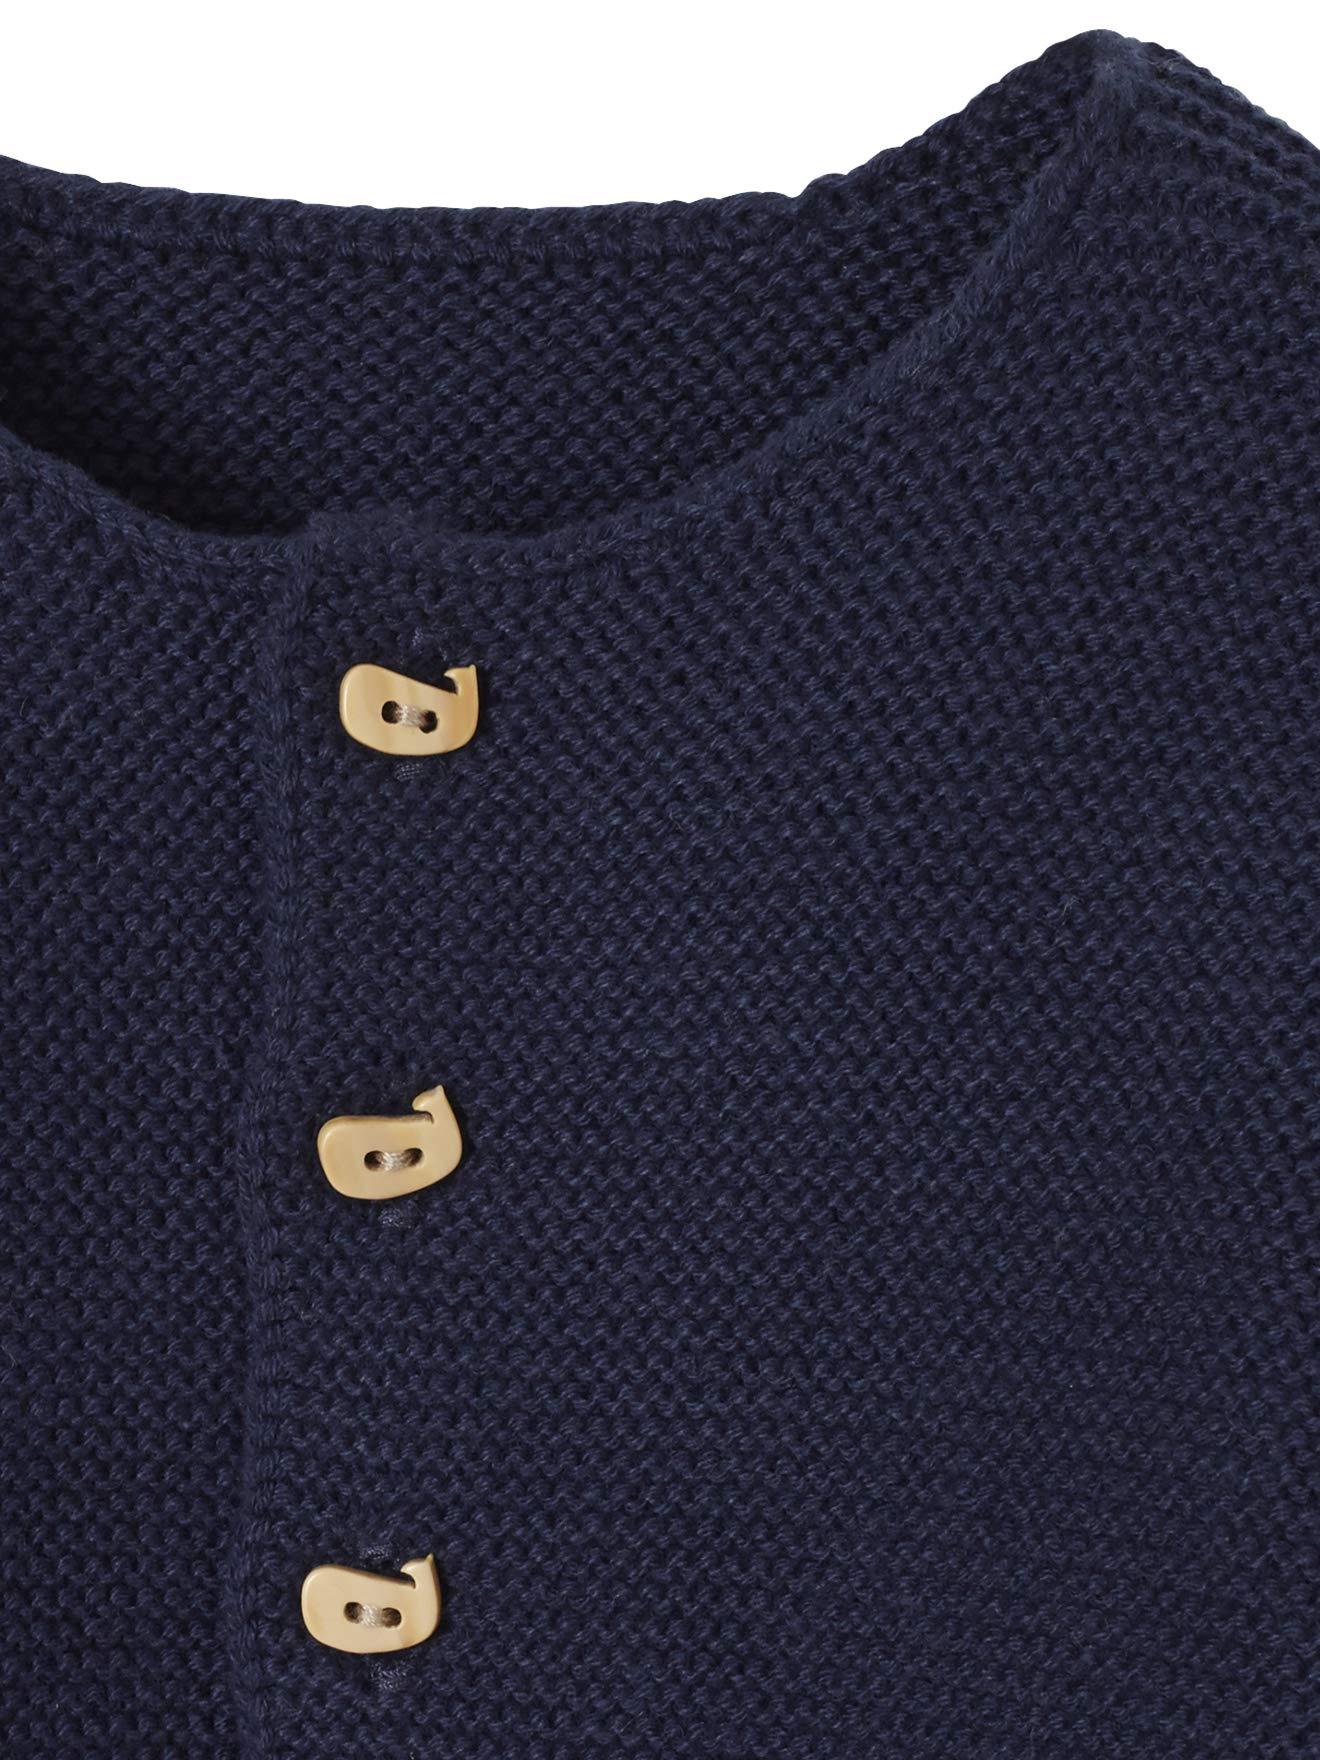 VERTBAUDET Chaqueta bebé recién nacido tricotada de punto bobo BLANCO CLARO LISO 3M-60CM 4